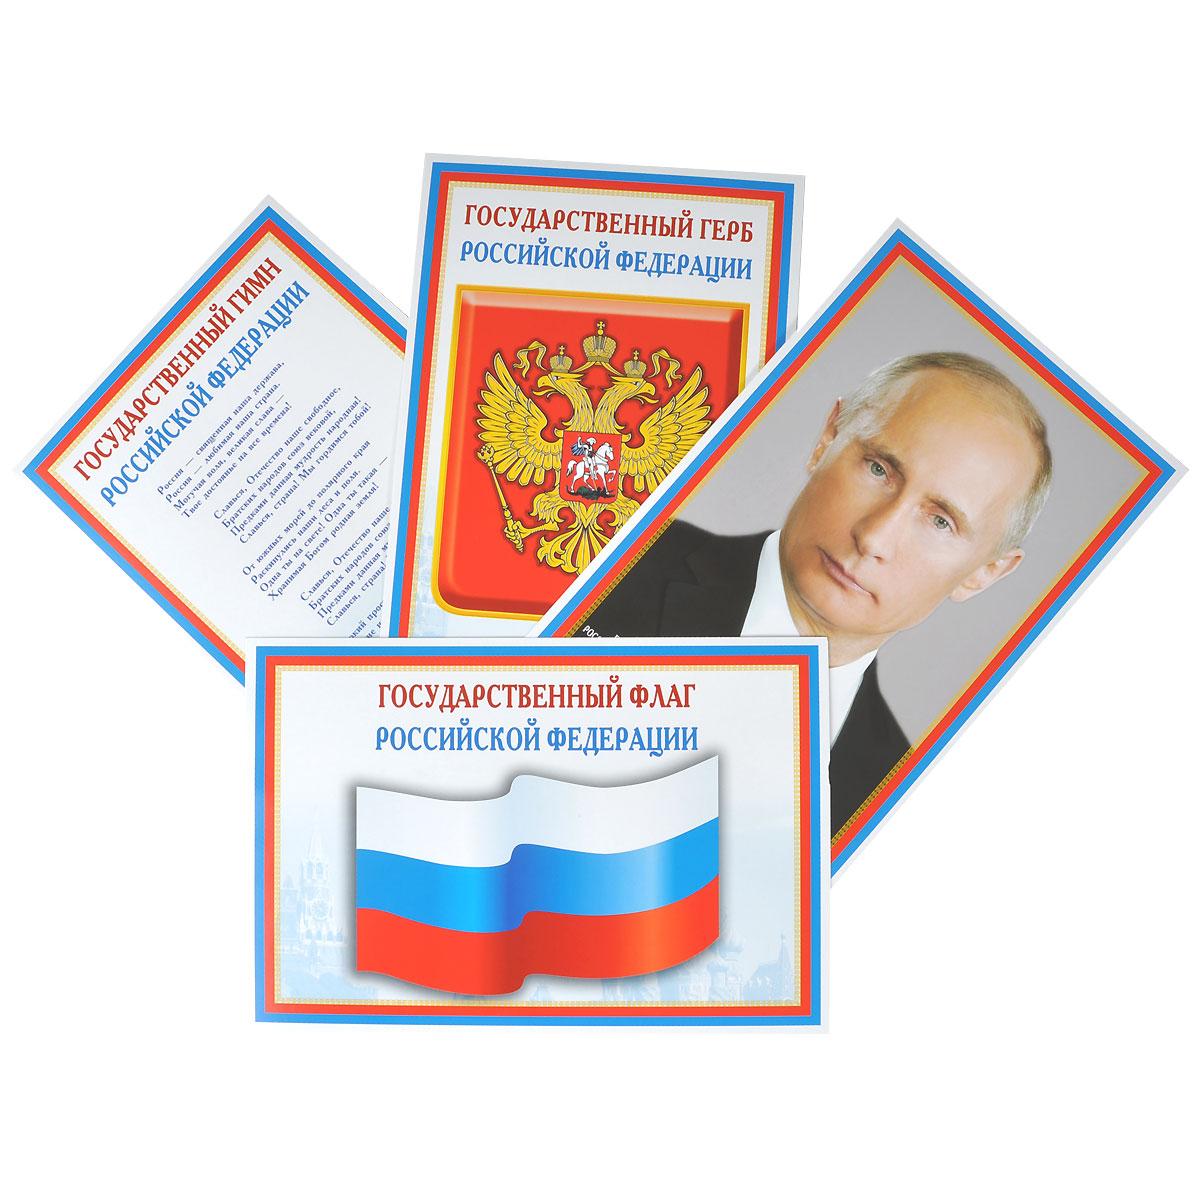 Флаг РФ. Герб РФ. Гимн РФ. Президент РФ (набор из 4 плакатов) ( 978-5-9949-0715-3 )